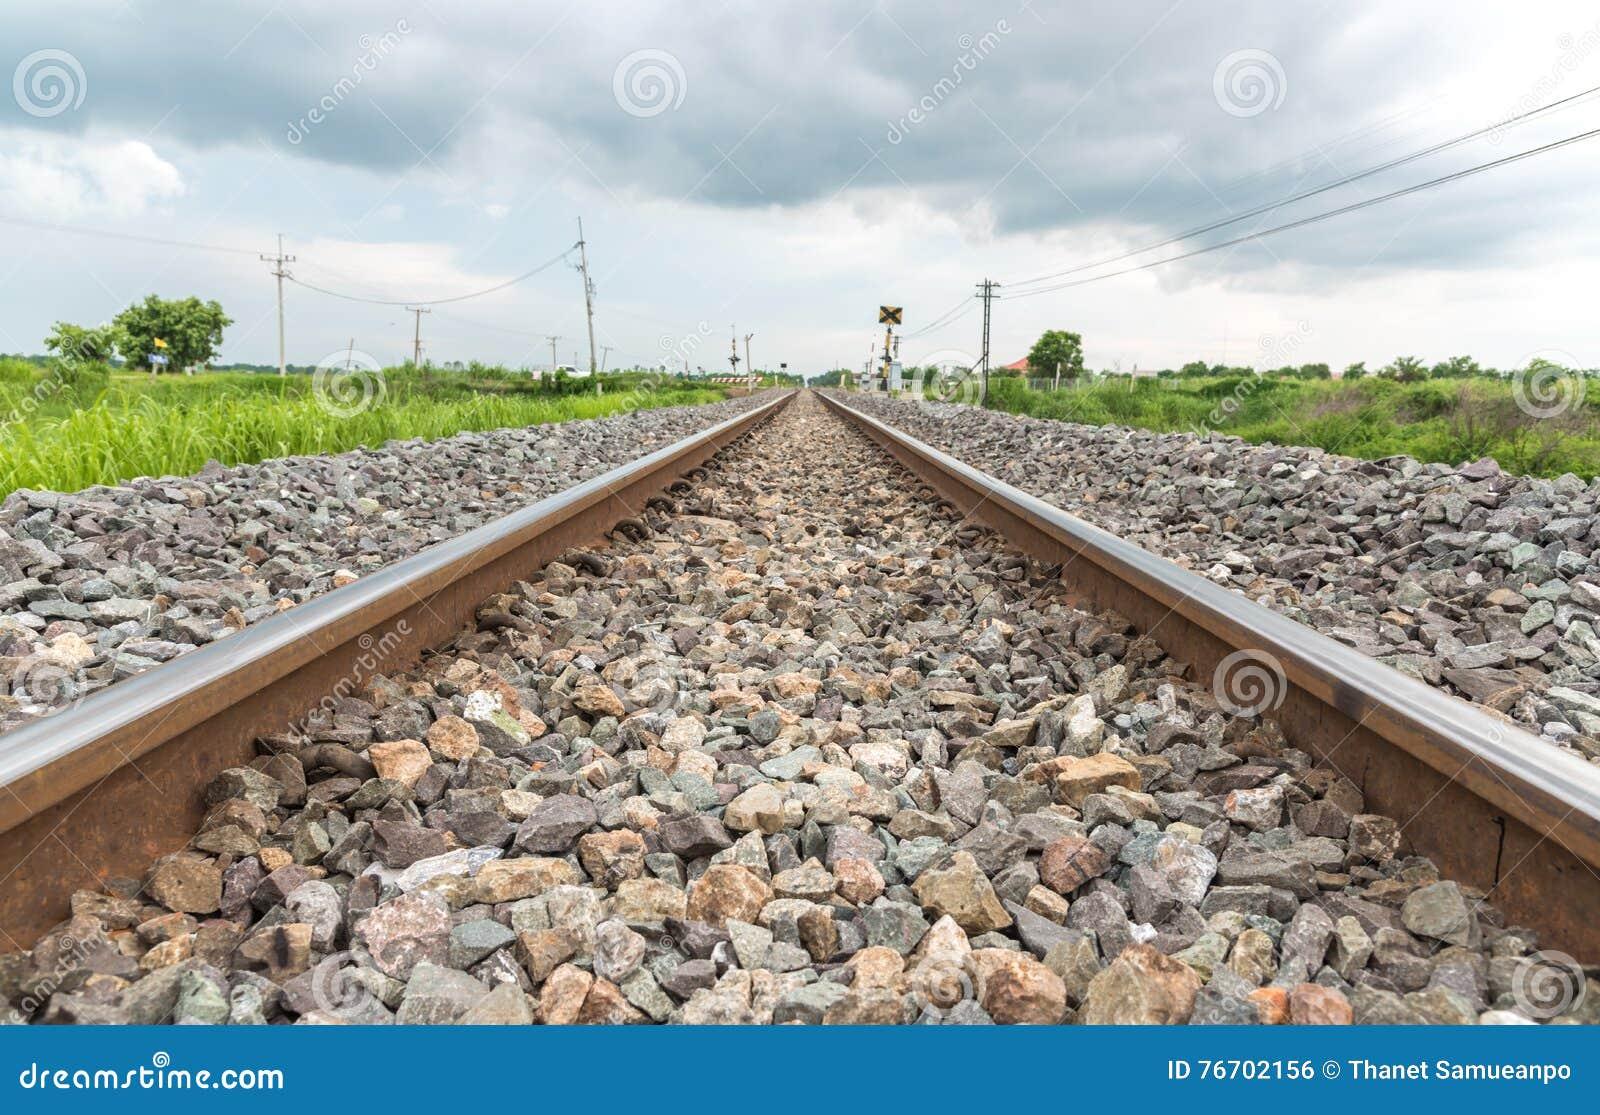 Lång rak järnväg på konkreta längsgående stödbjälke